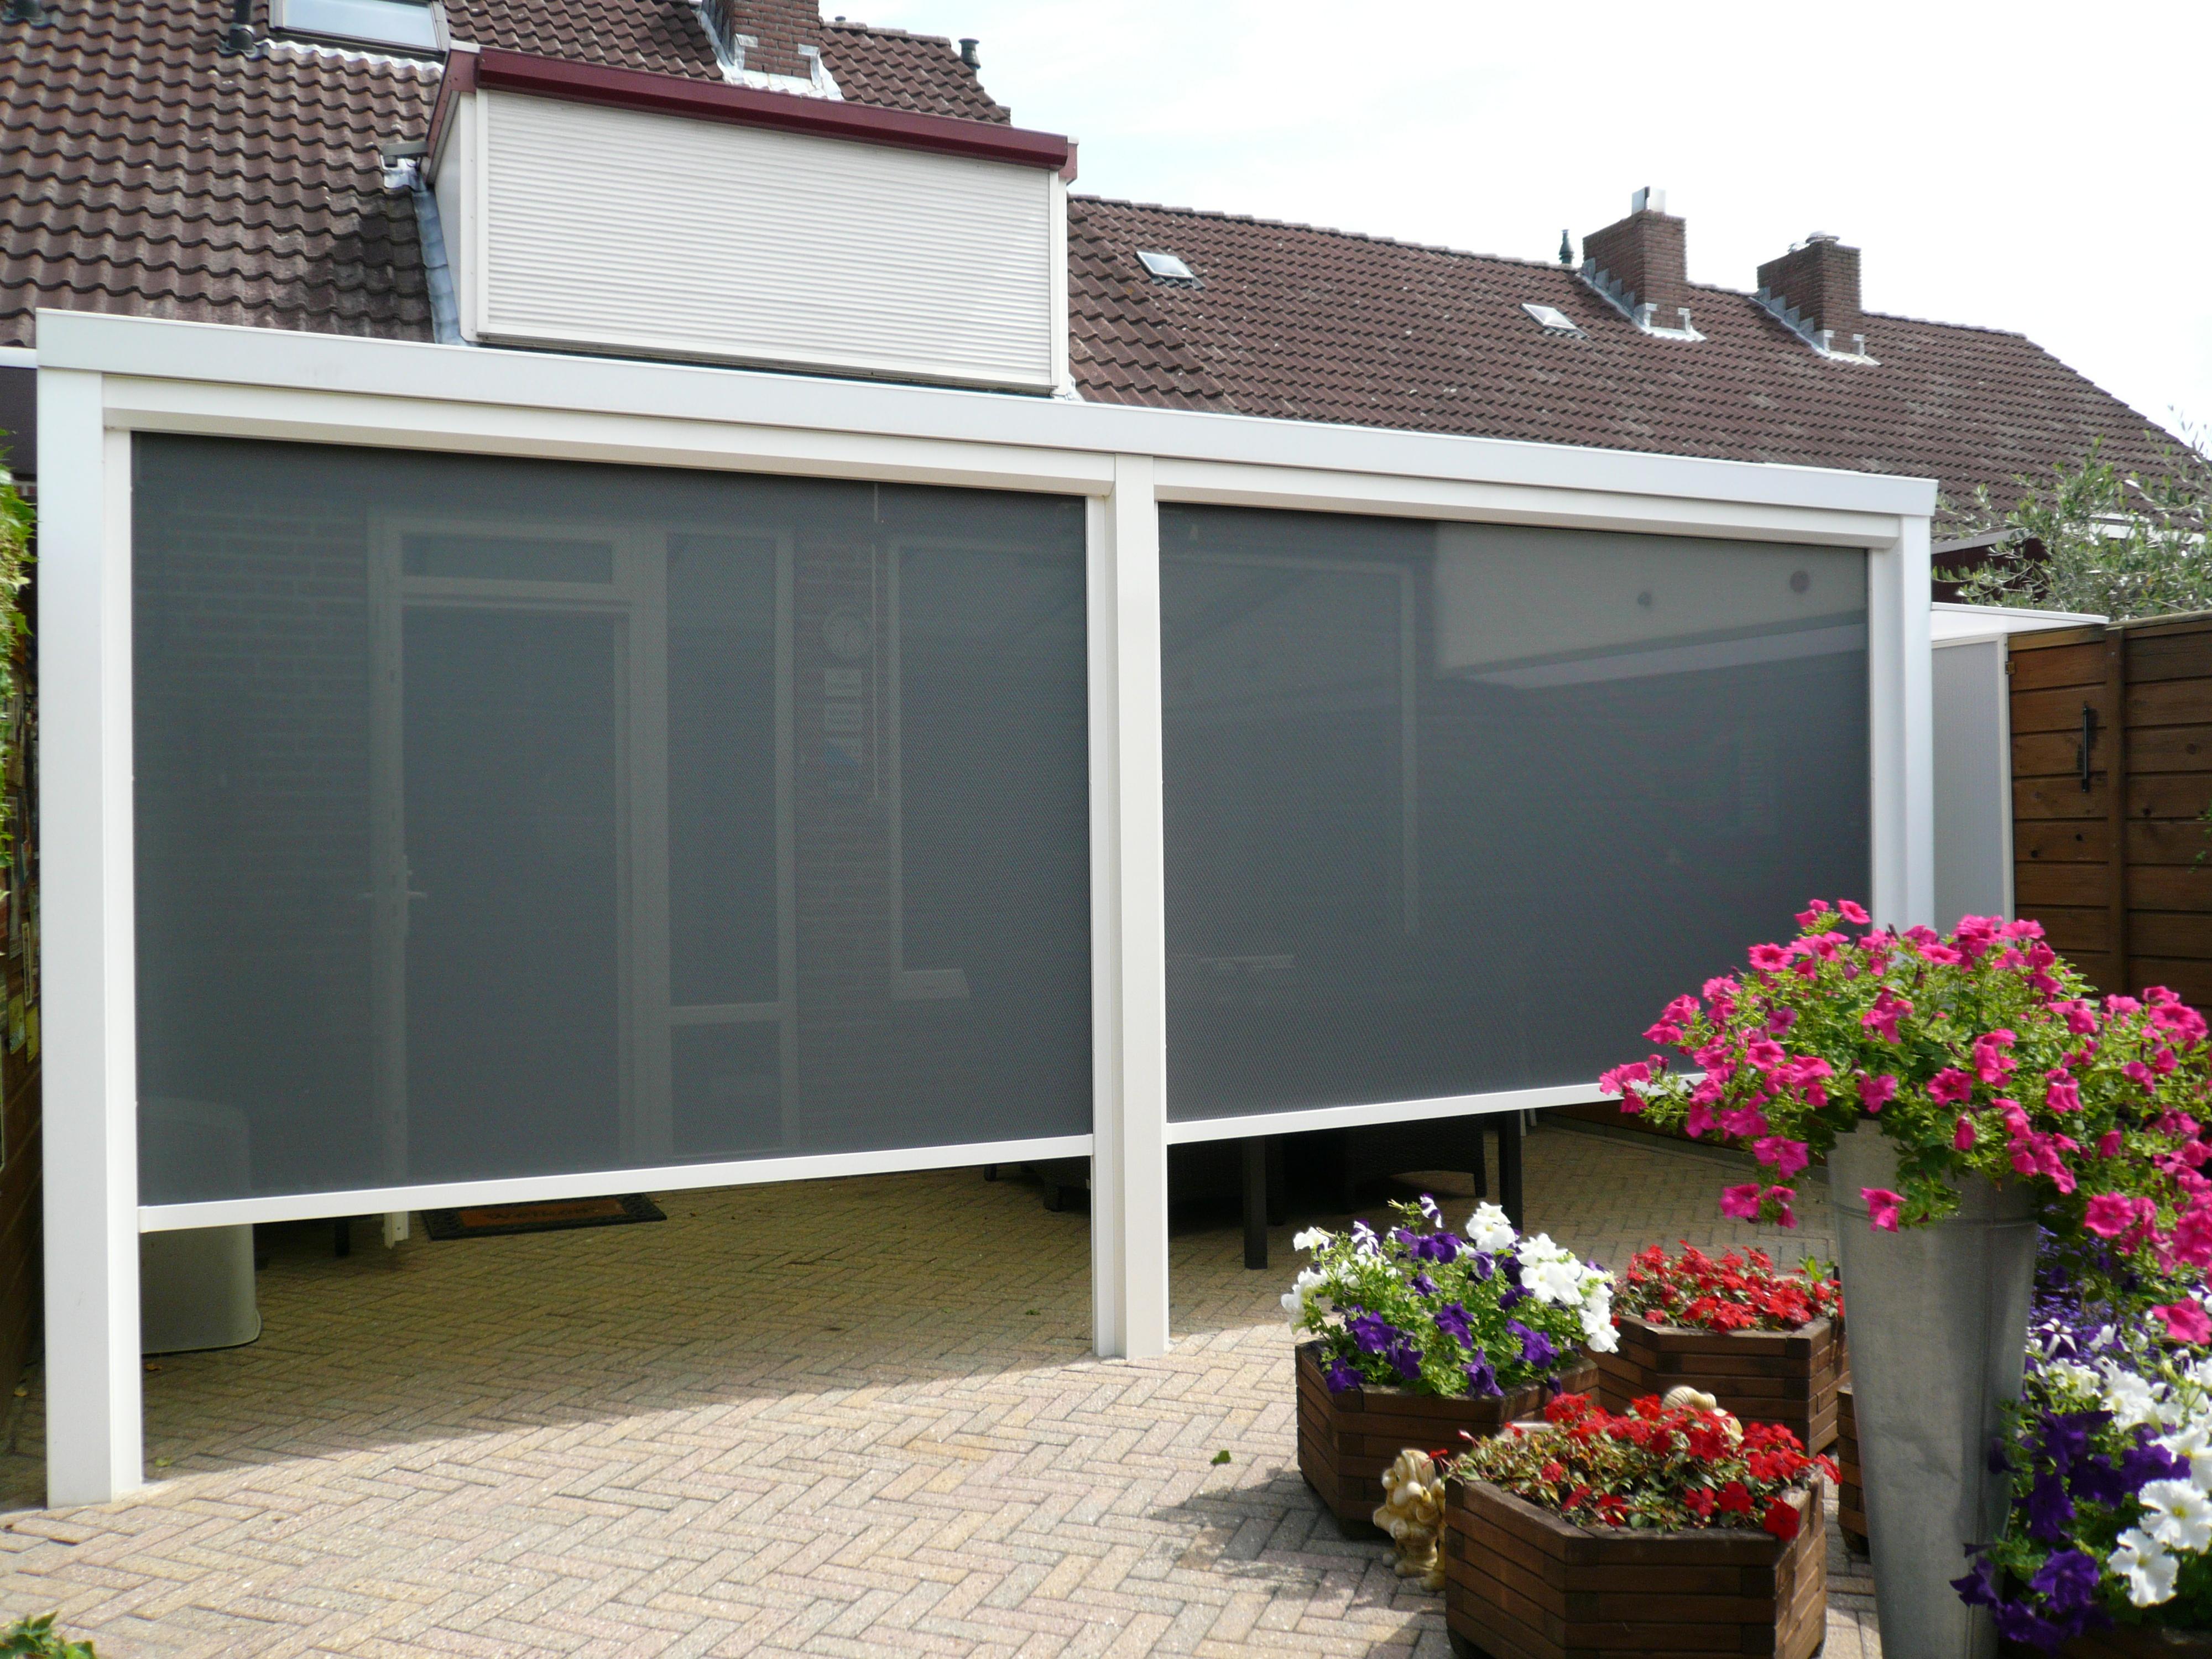 Linders zonwering rolluiken raamdecoraties horren deurne tel